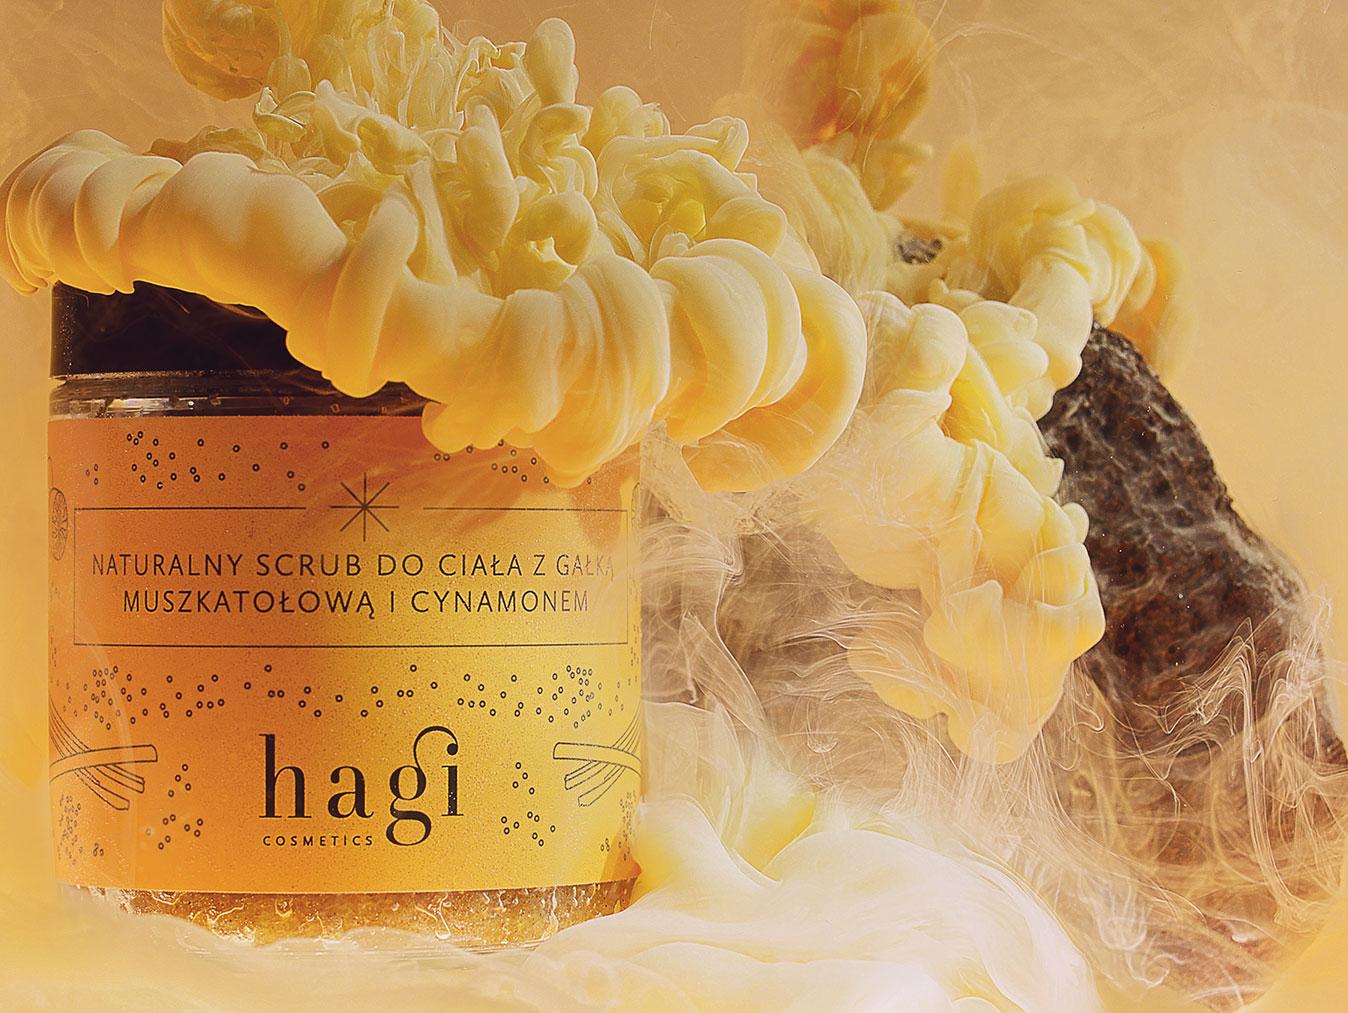 naturany scrub do ciałą z gałką muszkatołową i cynamomen - hagi cosmetics